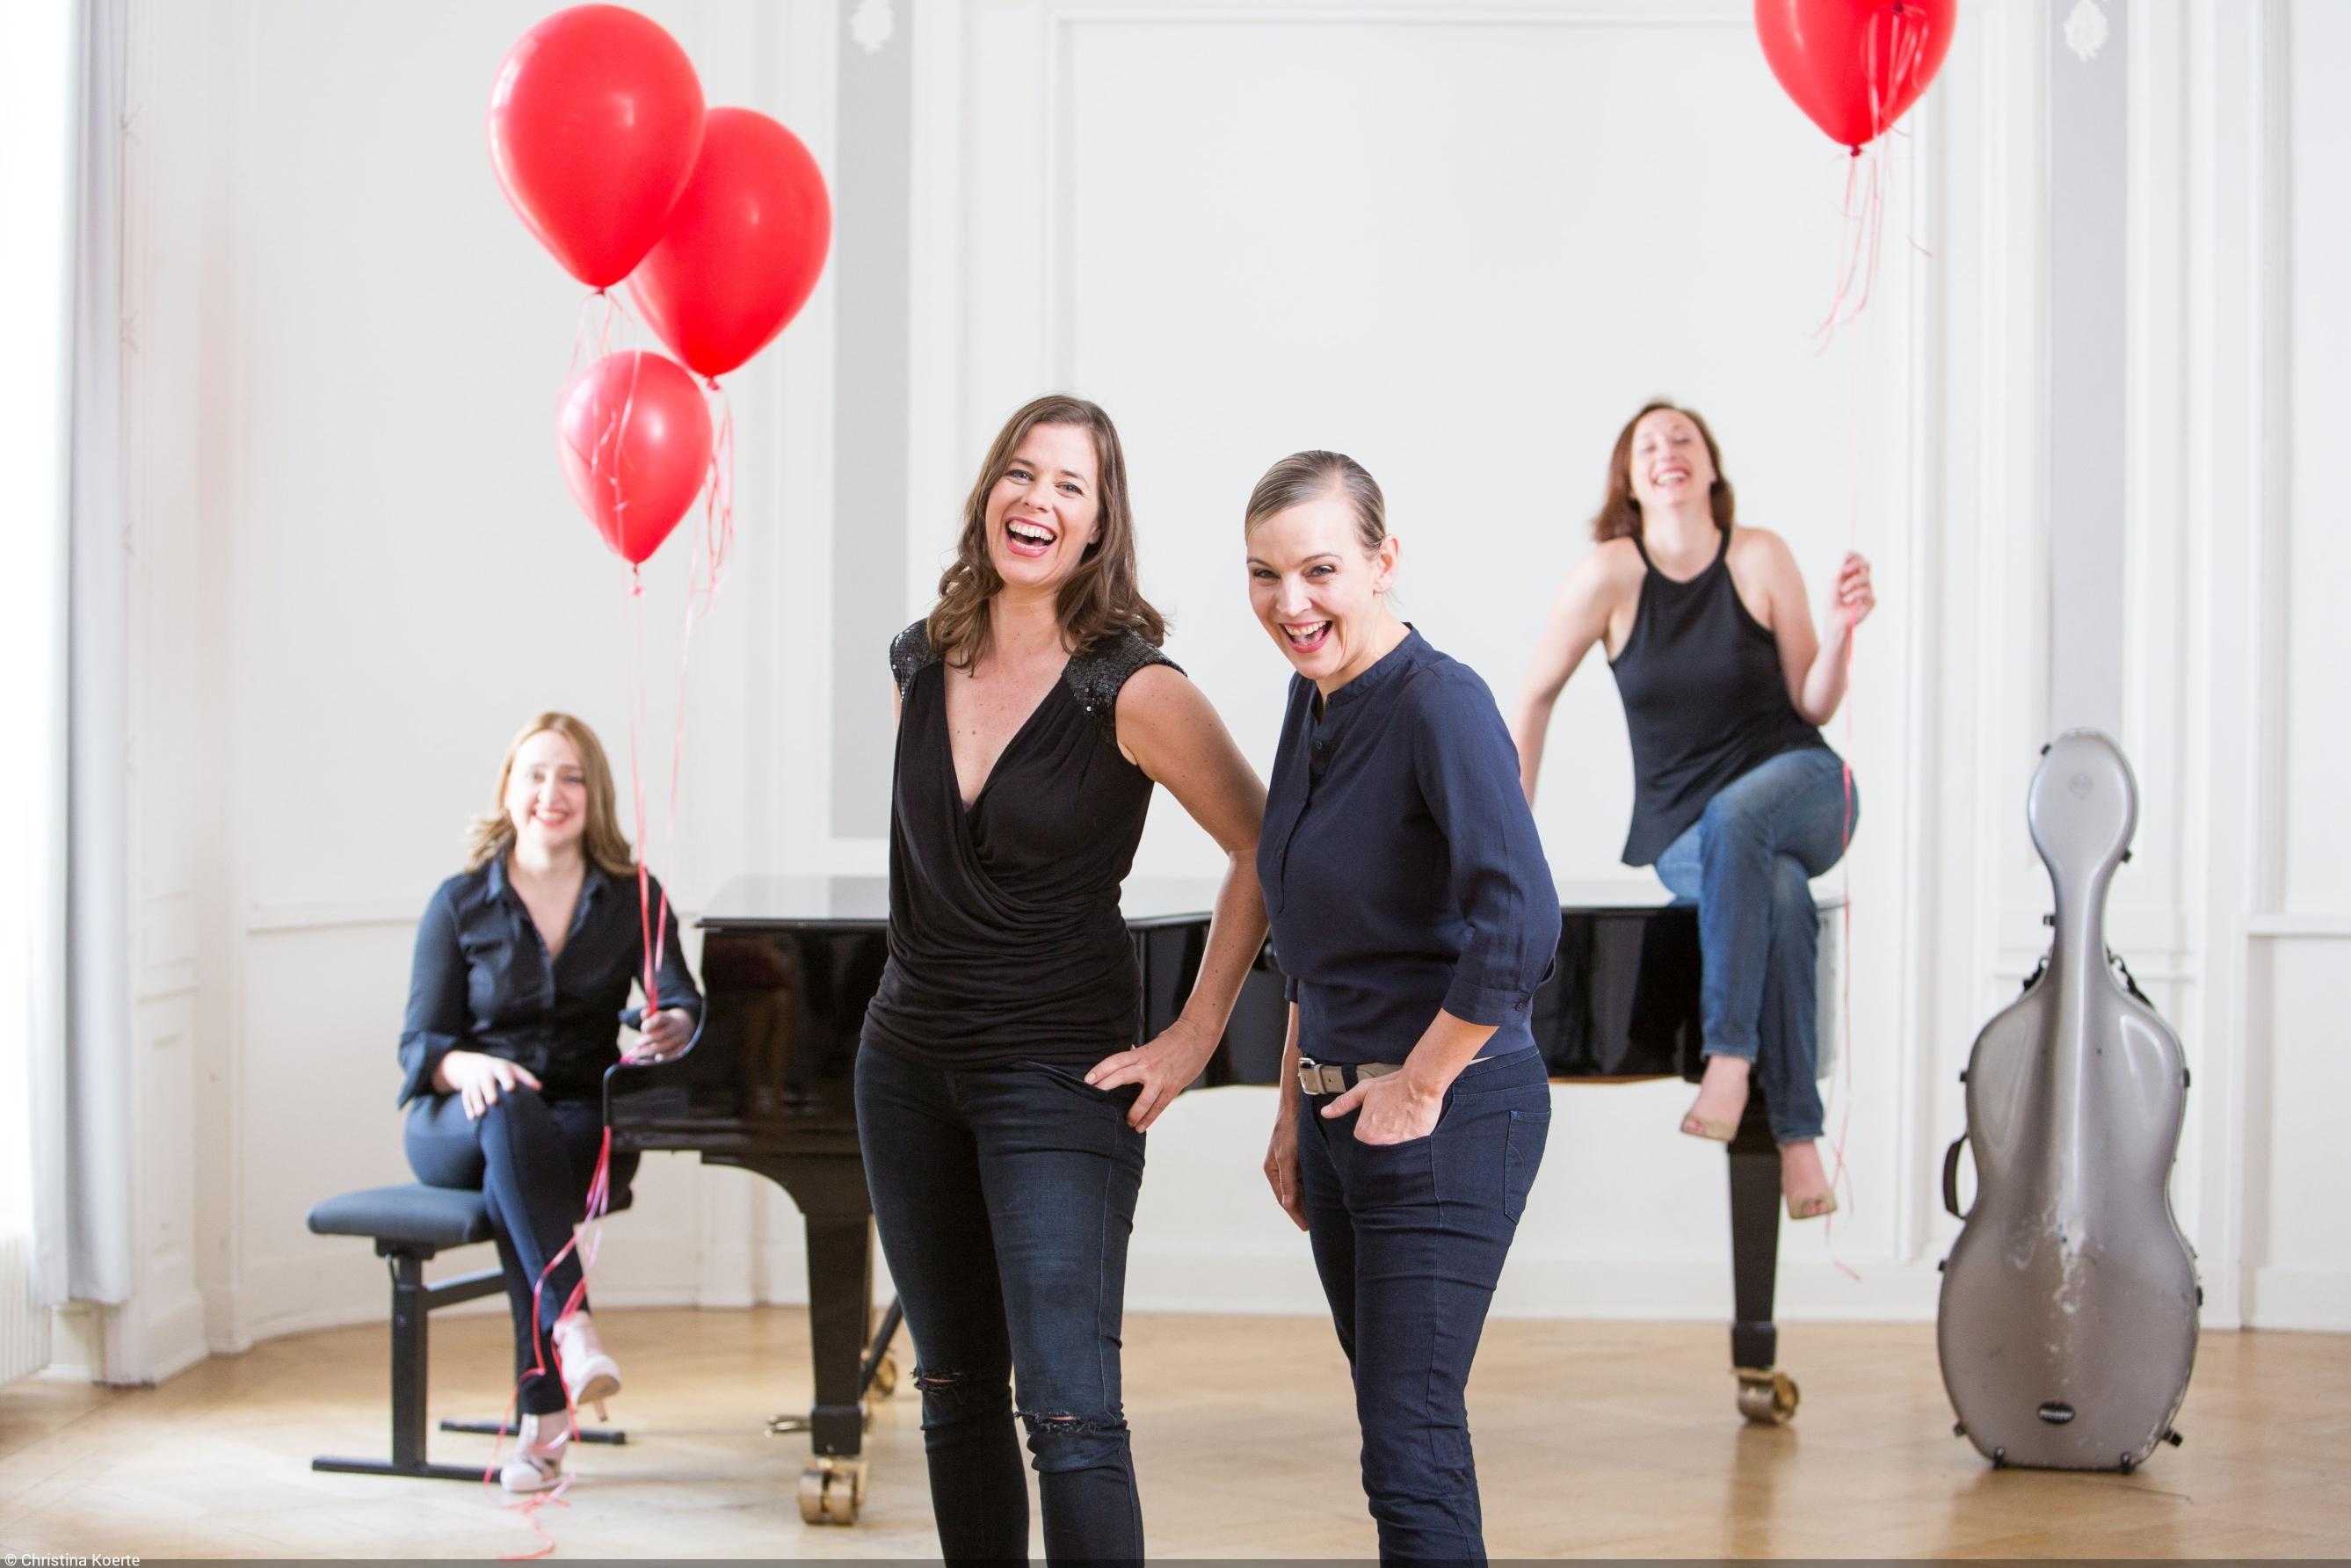 Christina Koerte -Salut Salon ist der Name eines kammermusikalischen Frauen-Quartetts aus Hamburg das seit 2002 in der Formation Klavier Cello und zwei Violinen   überaus erfolgreich im In- und Ausland auftritt